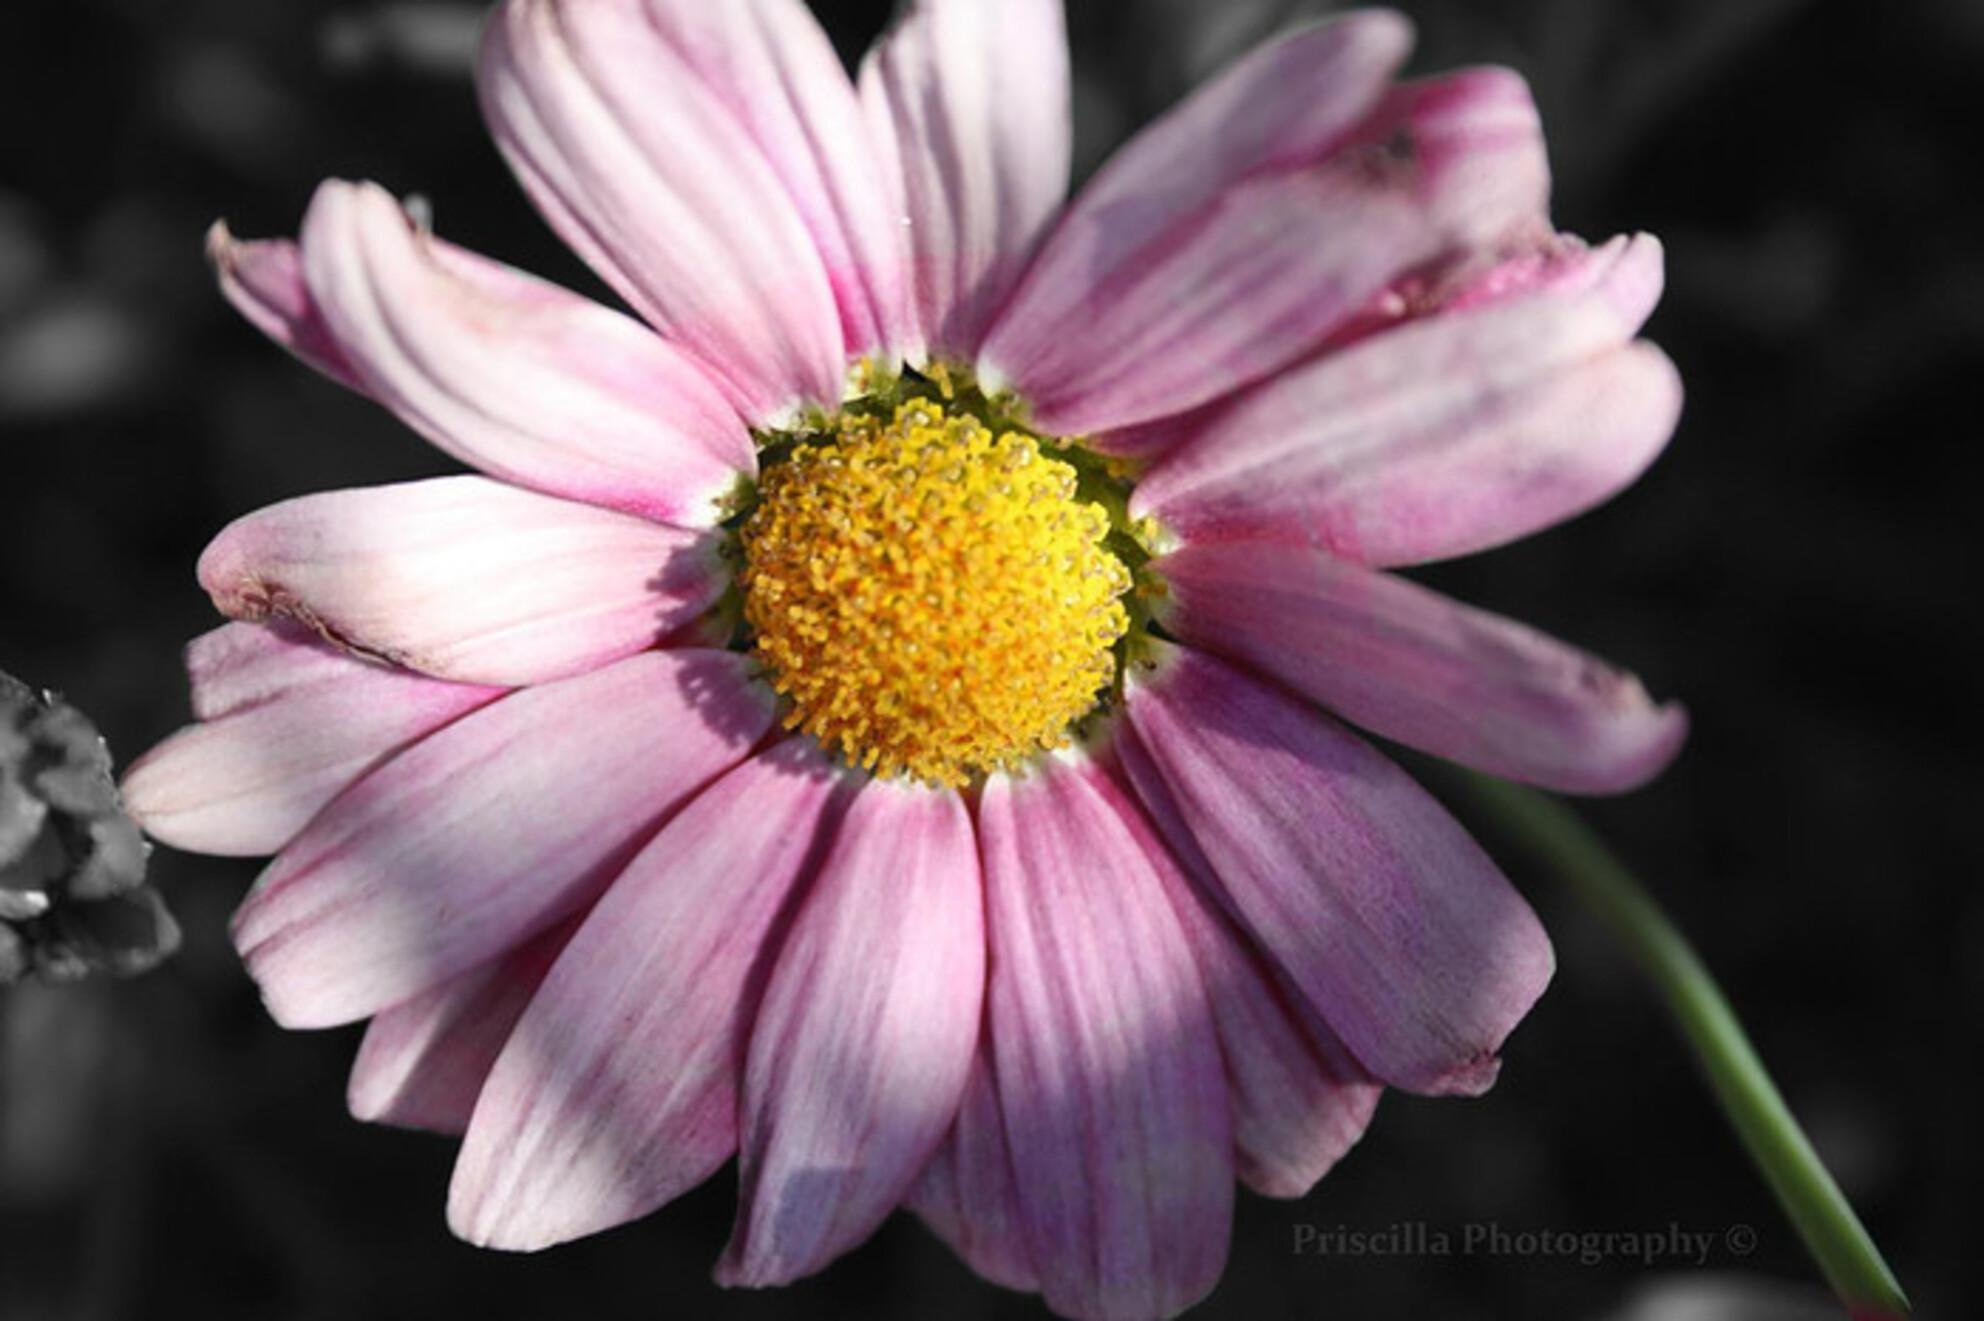 FLOWER - hier een foto van een bloem - foto door lecomte_zoom op 16-08-2011 - deze foto bevat: roze, macro, wit, bloem, zwart - Deze foto mag gebruikt worden in een Zoom.nl publicatie